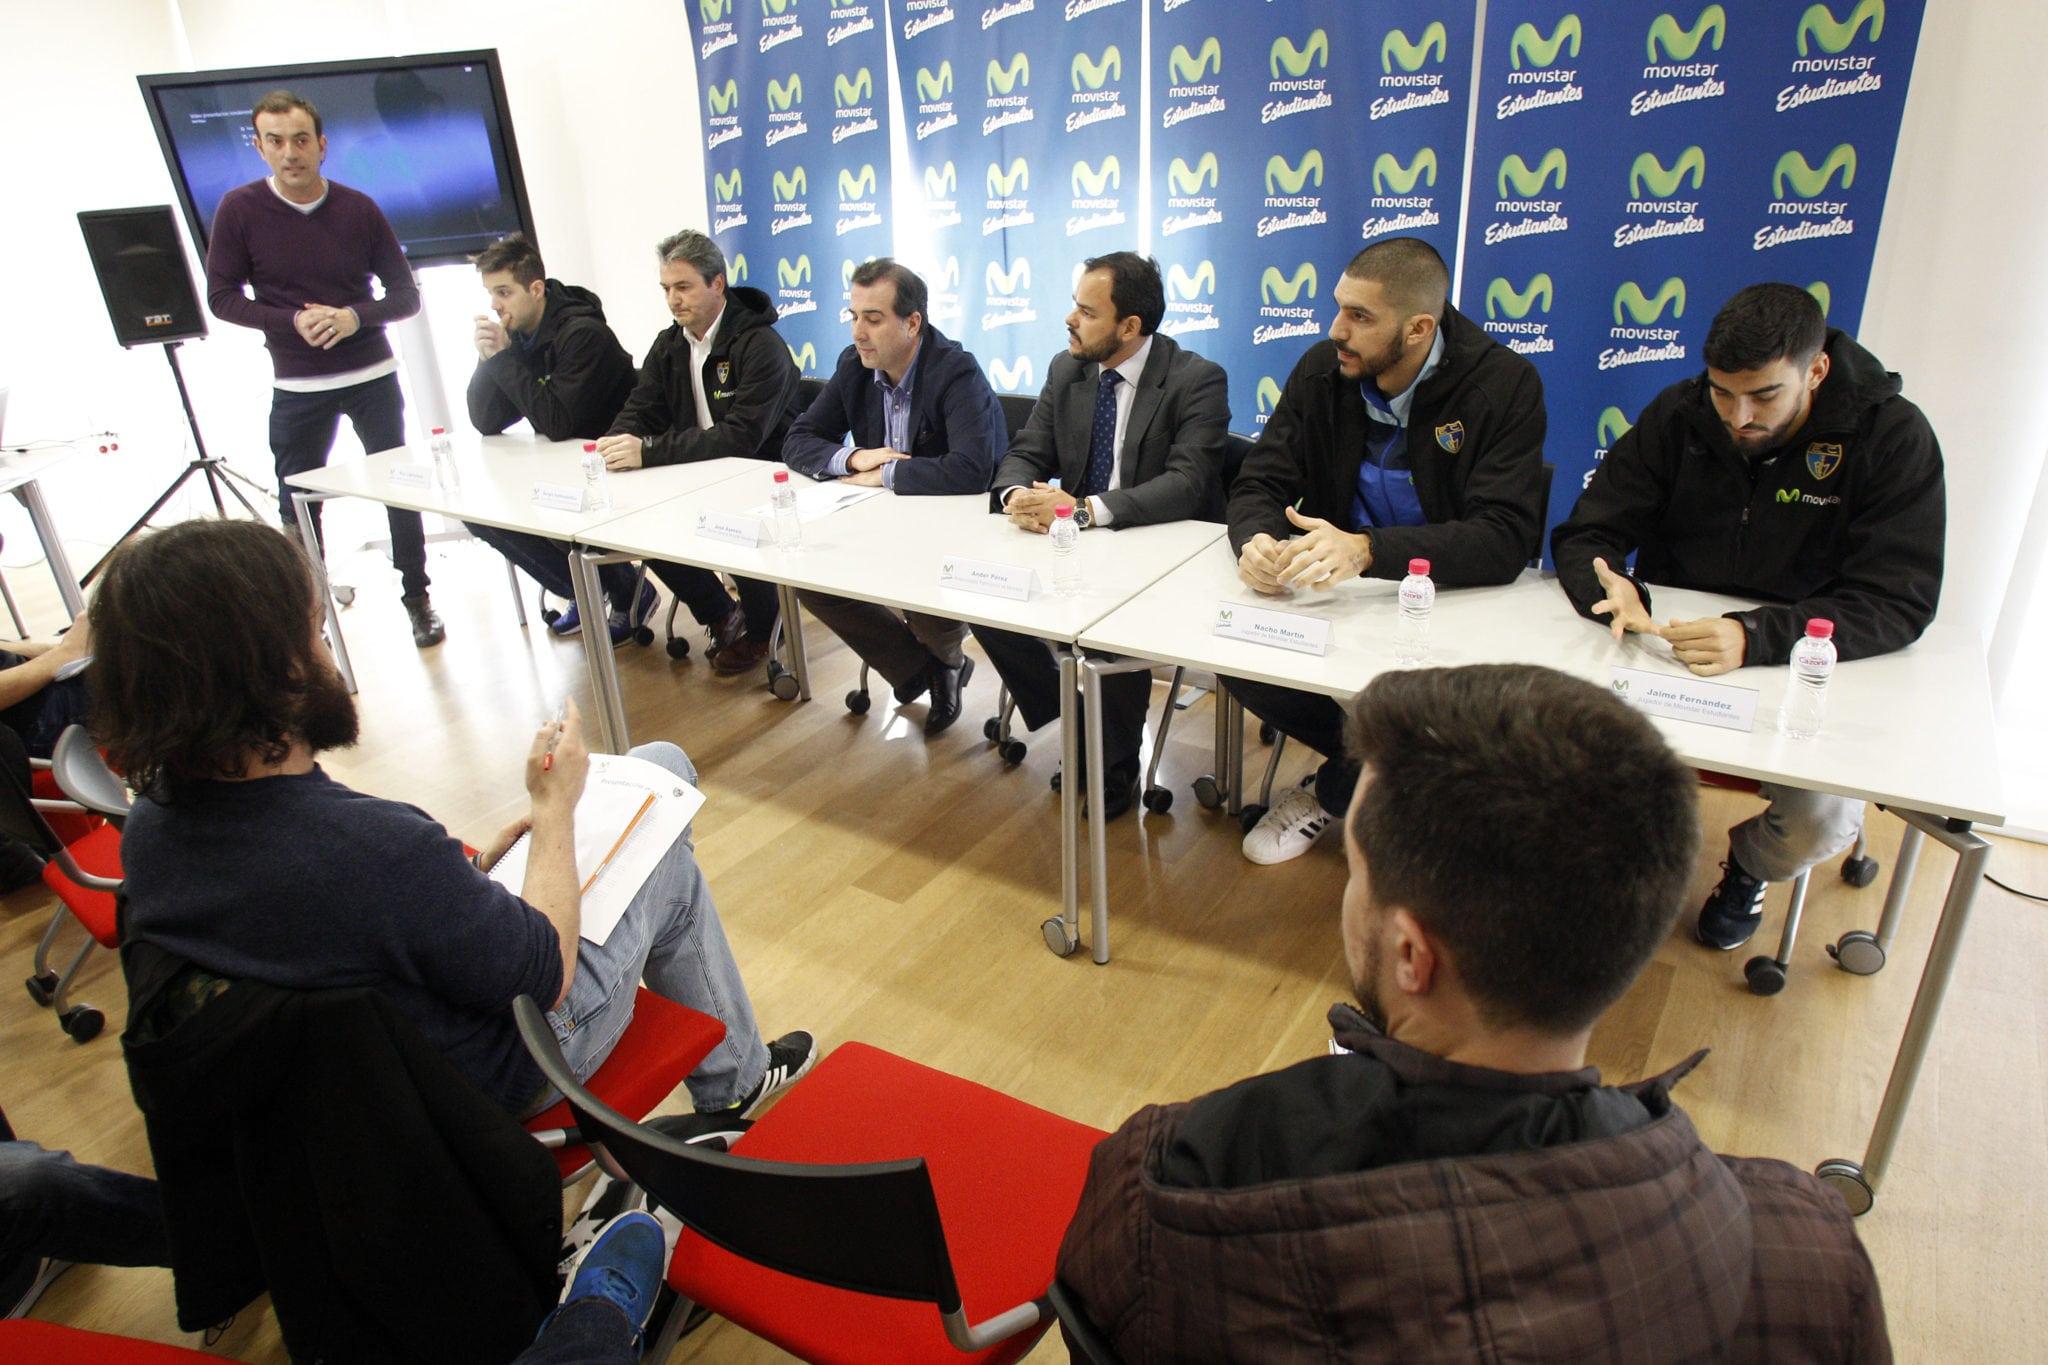 El Kiosko: el partido ante Bilbao Basket, y la presentación #NoValeRendirse, en los medios